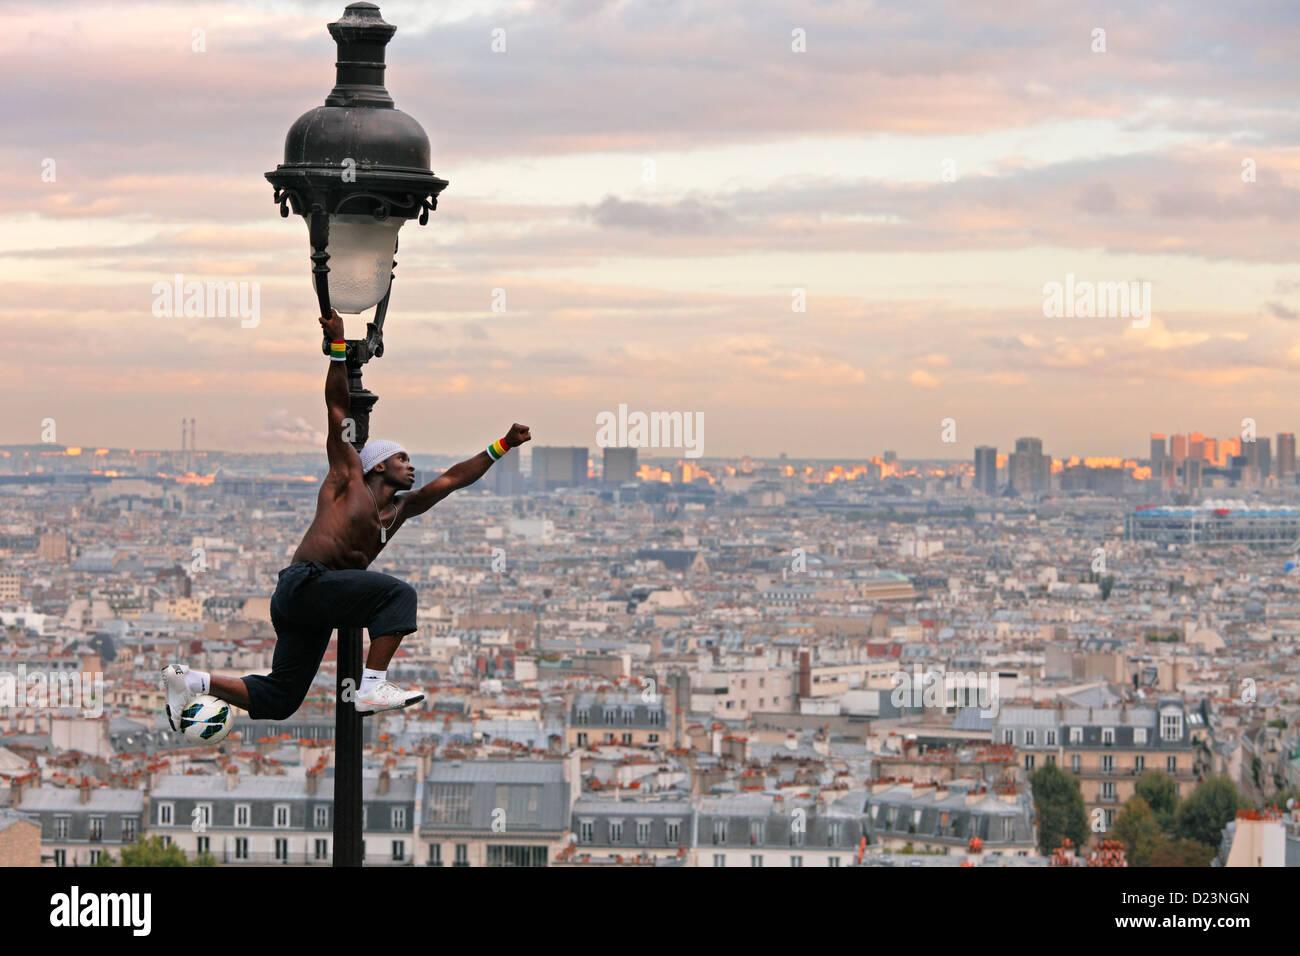 Artiste de performance acrobatique sur une vieille lampe à gaz sur la colline du Sacré Coeur et de Montmartre Photo Stock